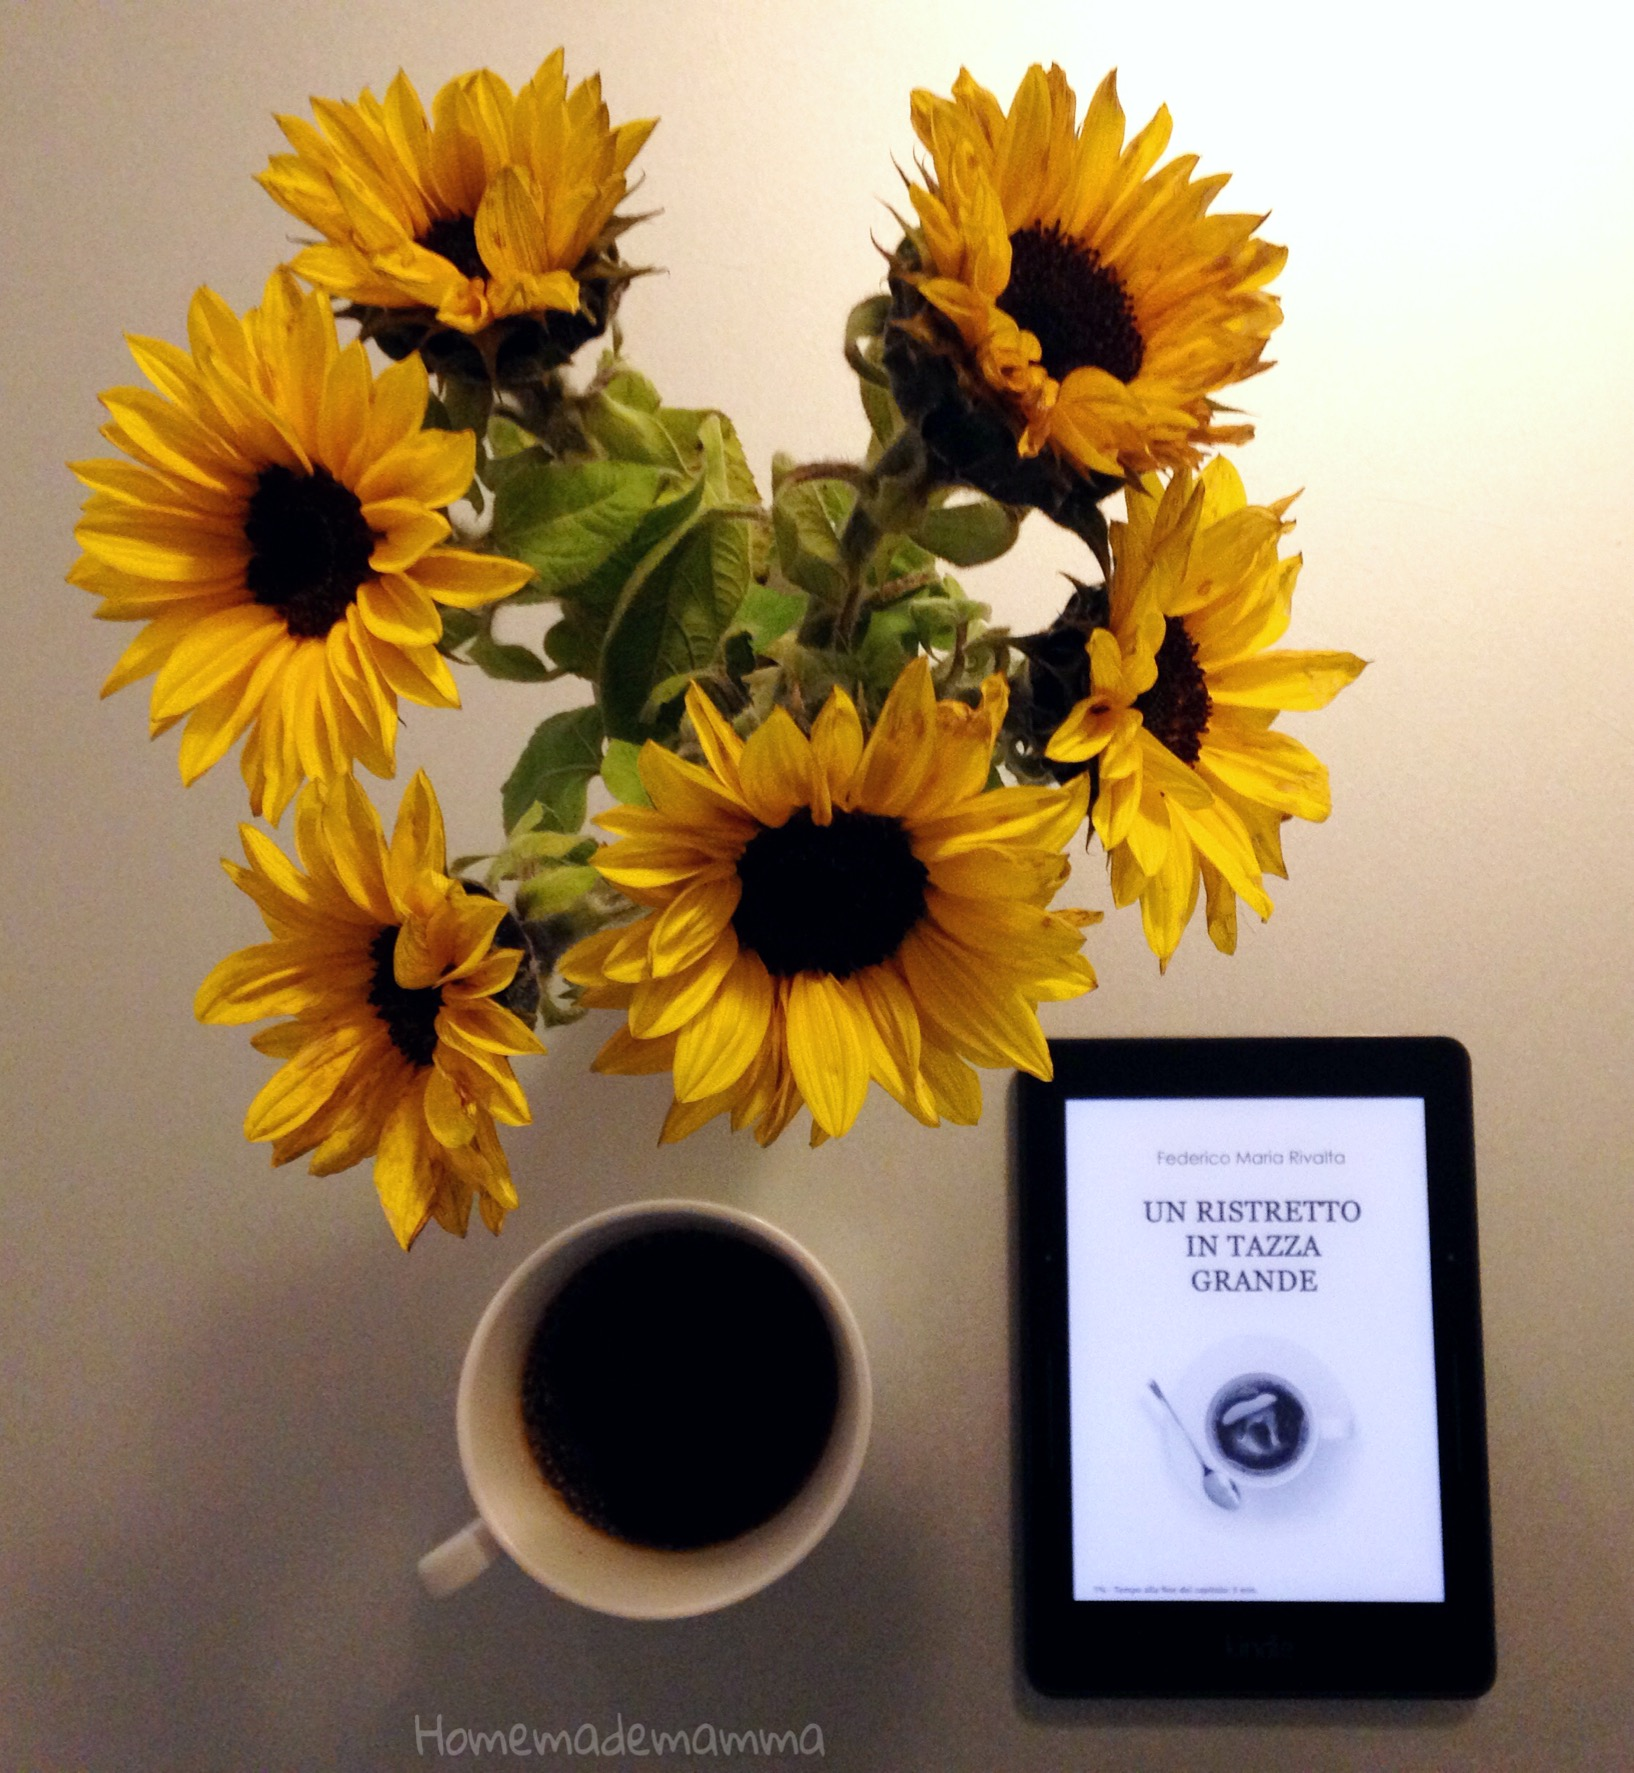 Venerdi' del libro: recensione di Un ristretto in tazza grande di Federico Maria Rivalta